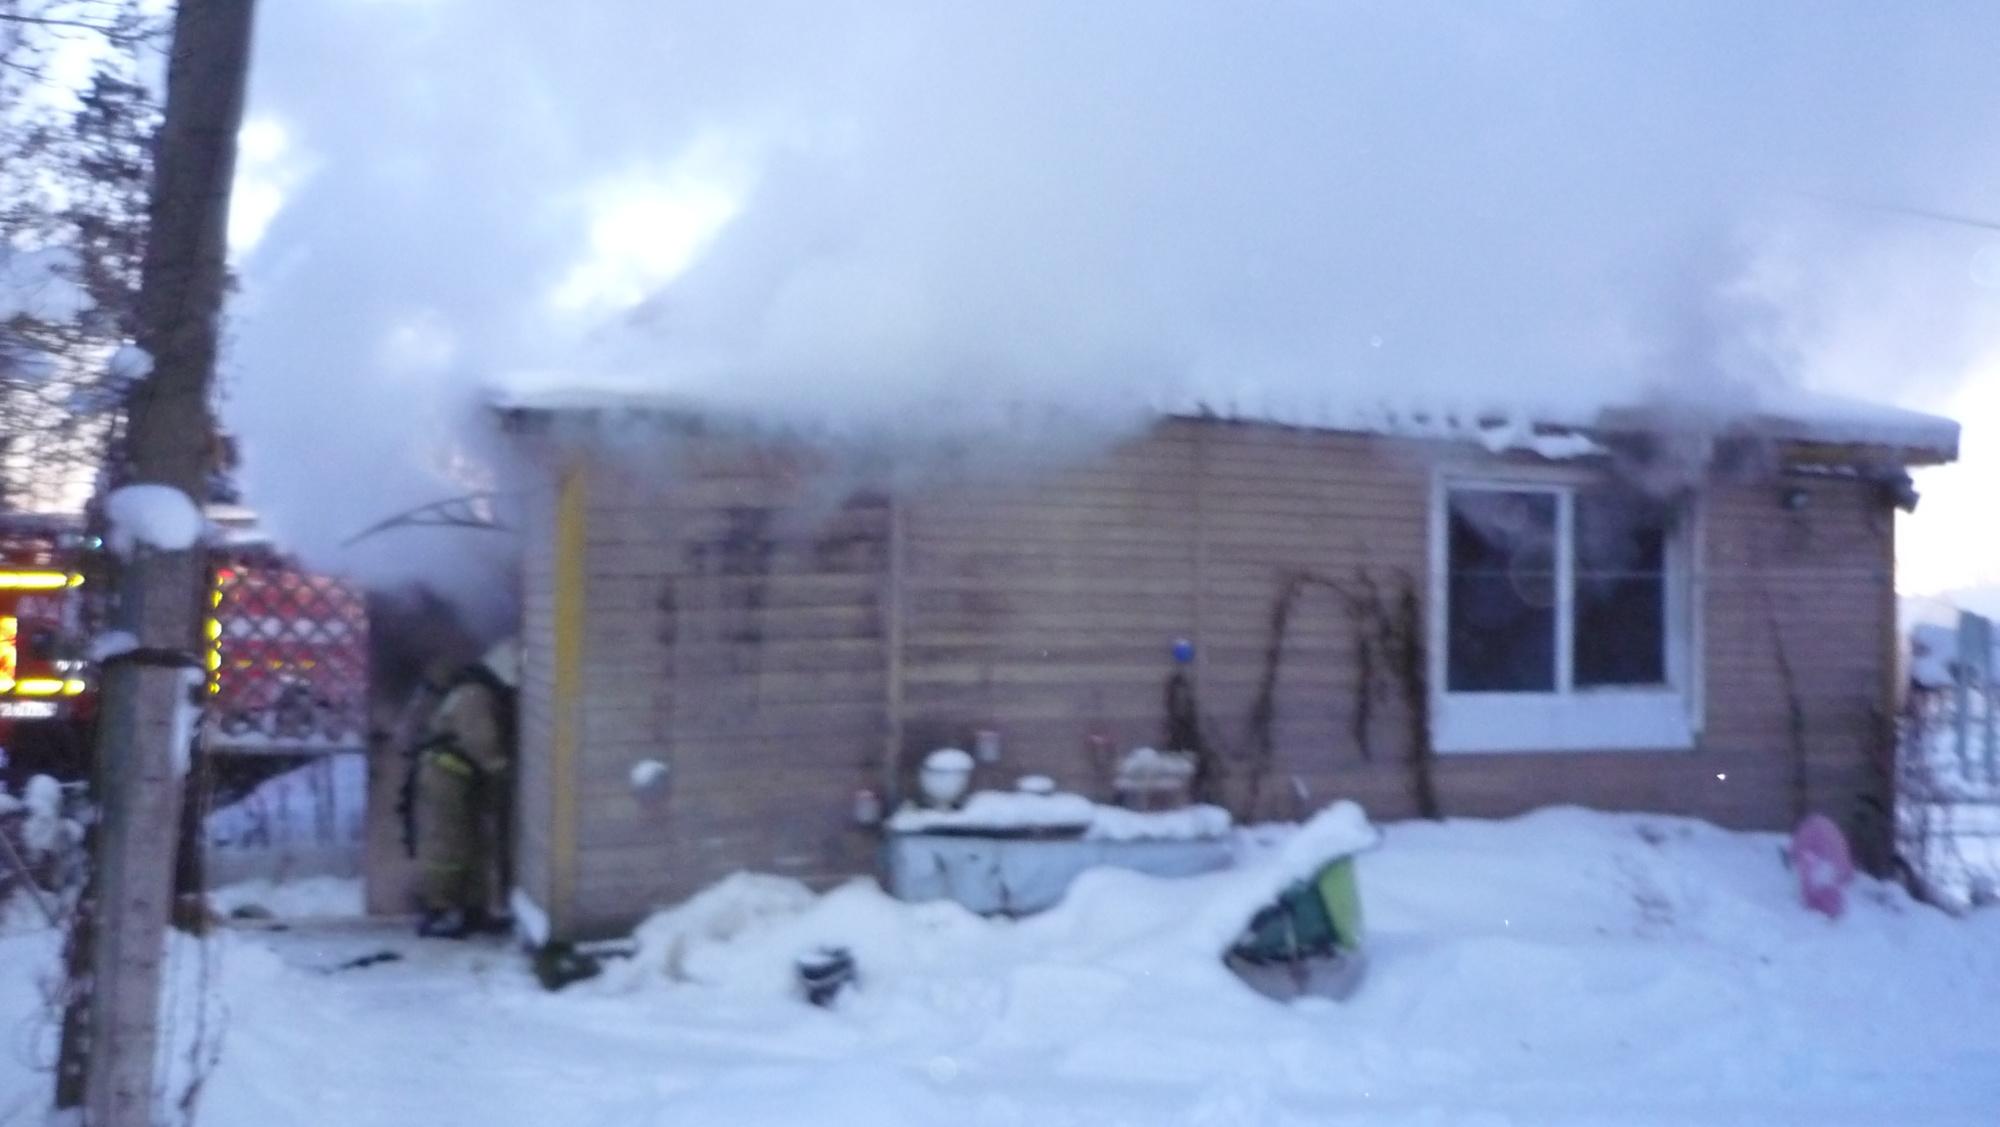 Пожарно-спасательные подразделения привлекались для ликвидации пожара в Муезерском районе.